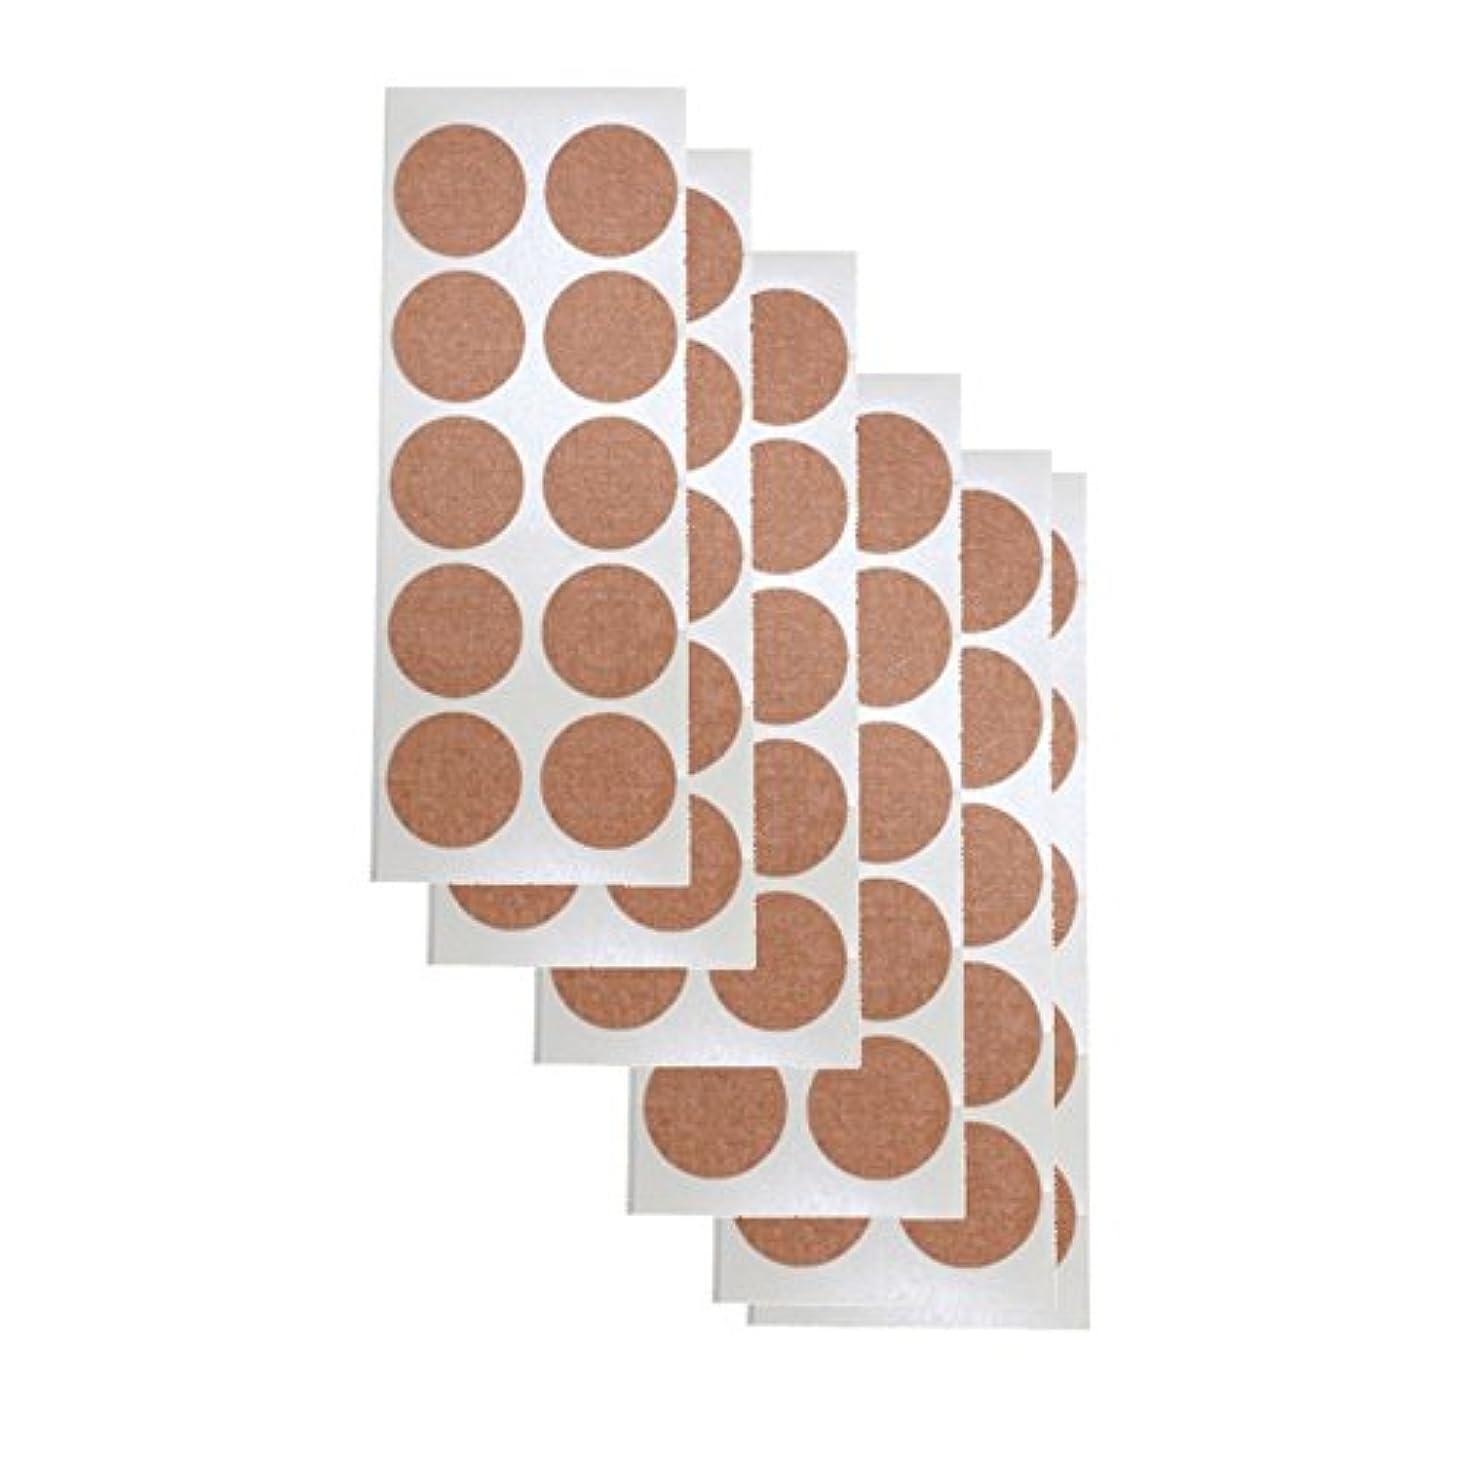 広いナプキン命題TQチップ 貼り替え用専用シール 効果は半永久的!貼っただけで心身のバランスがとれるTQチップ専用